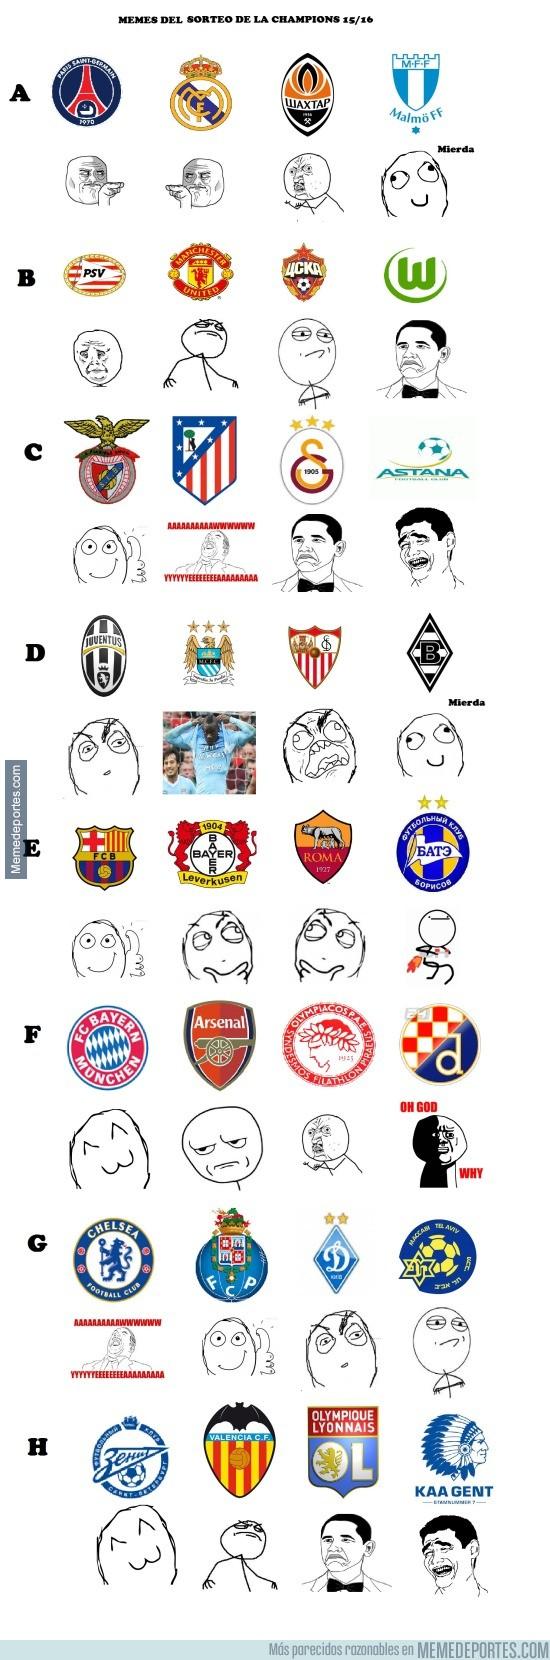 668706 - Los memes de los grupos de la Champions League 2015/2016